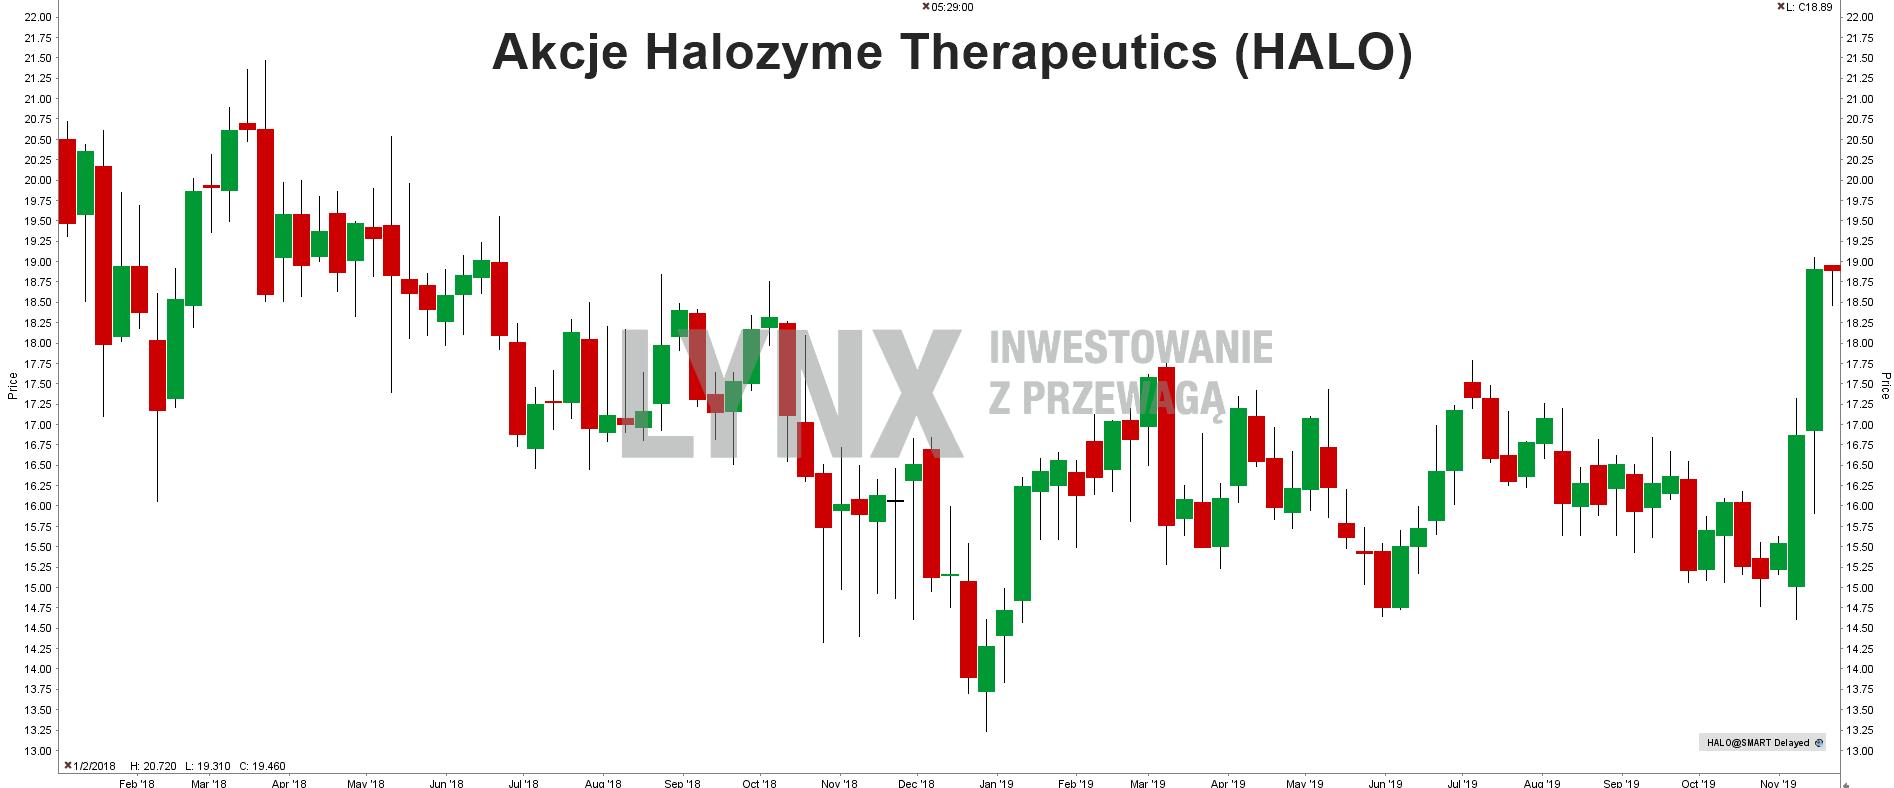 Akcje Halozyme Therapeutics